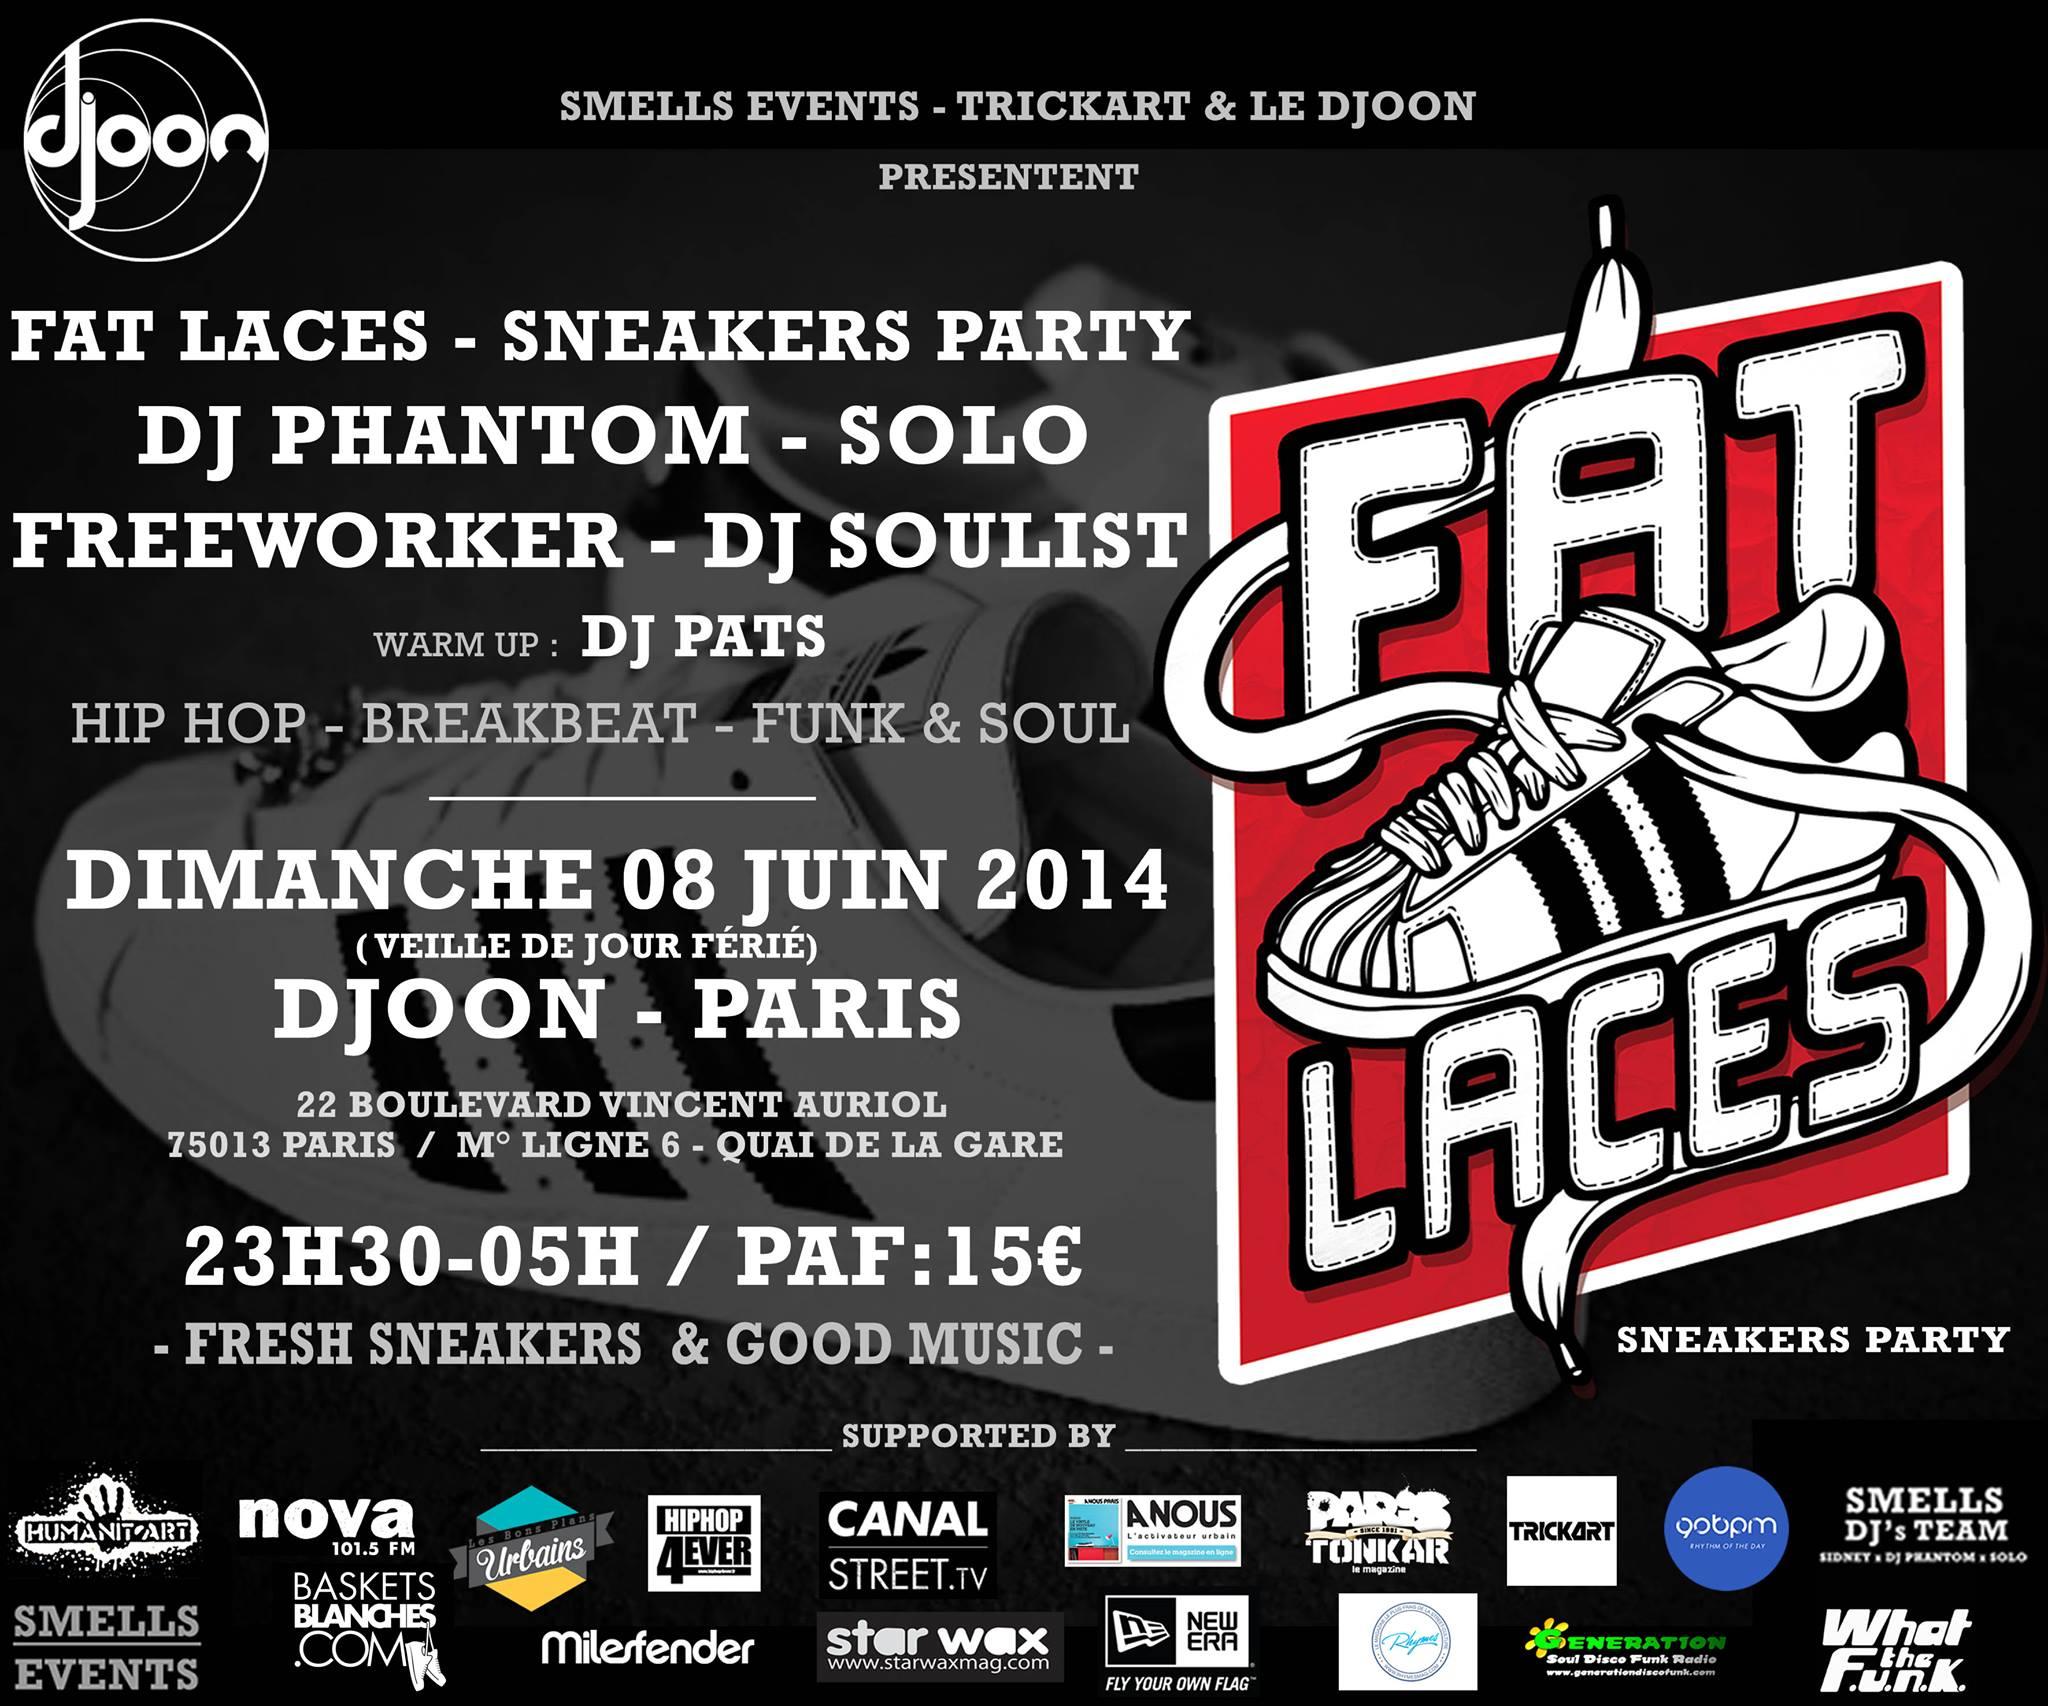 fatlaces